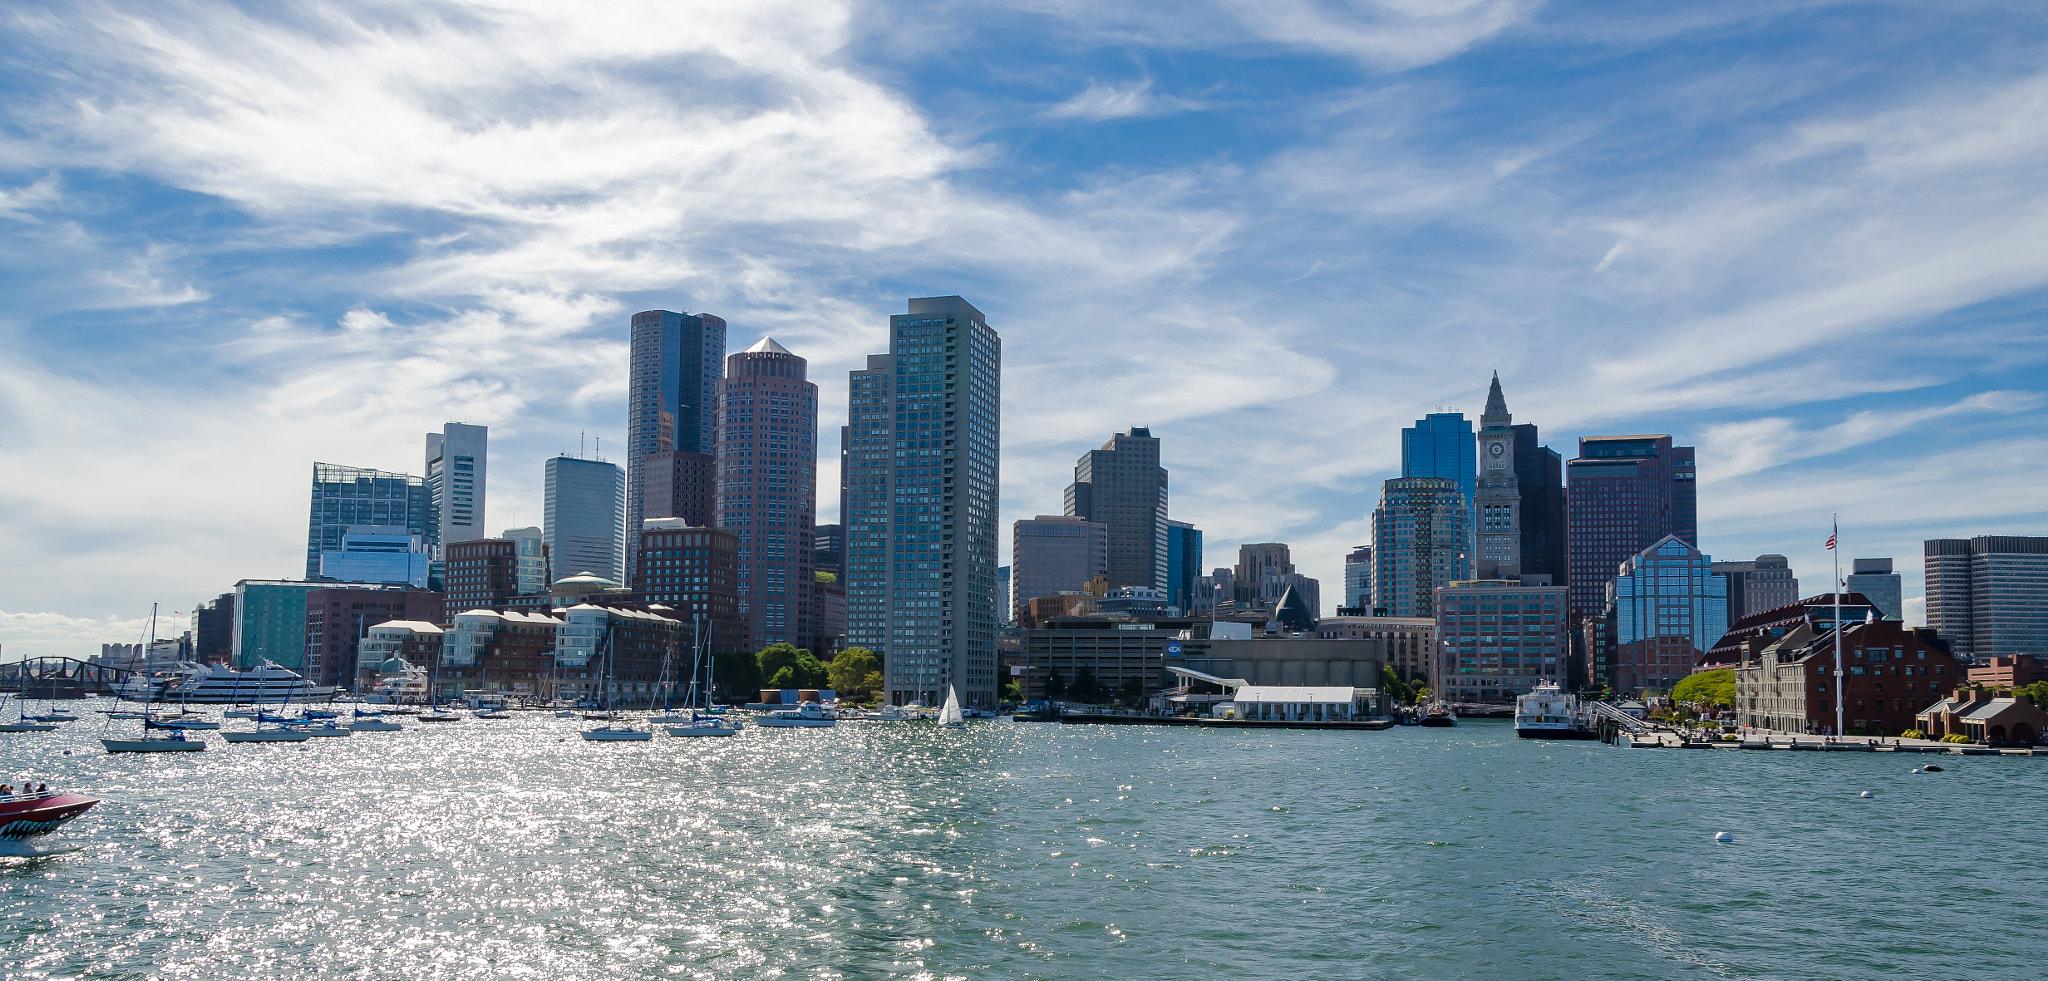 File:Boston Skyline (193150499).jpeg - Wikimedia Commons